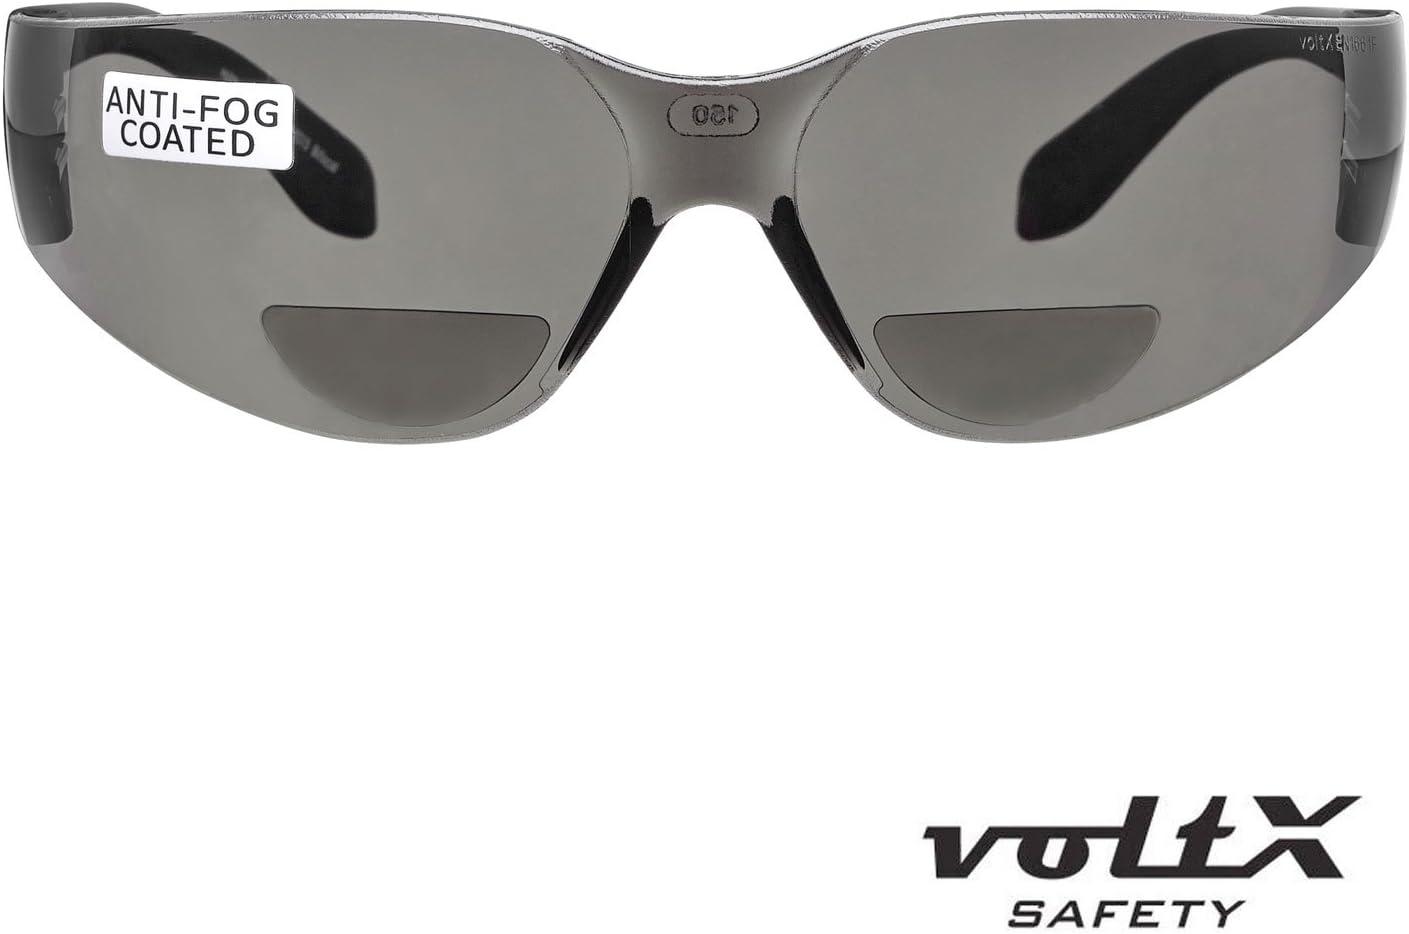 Leichtgewichts Industrie Lesen Schutzbrille Erweiterbarer Sicherheitsbeutel voltX /'Grafter/' BIFOKALE Anti Fog UV400 Linse//Sportbrille f/ür Radler CE EN166F Zertifiziert KLAR +1.5 Dioptrie